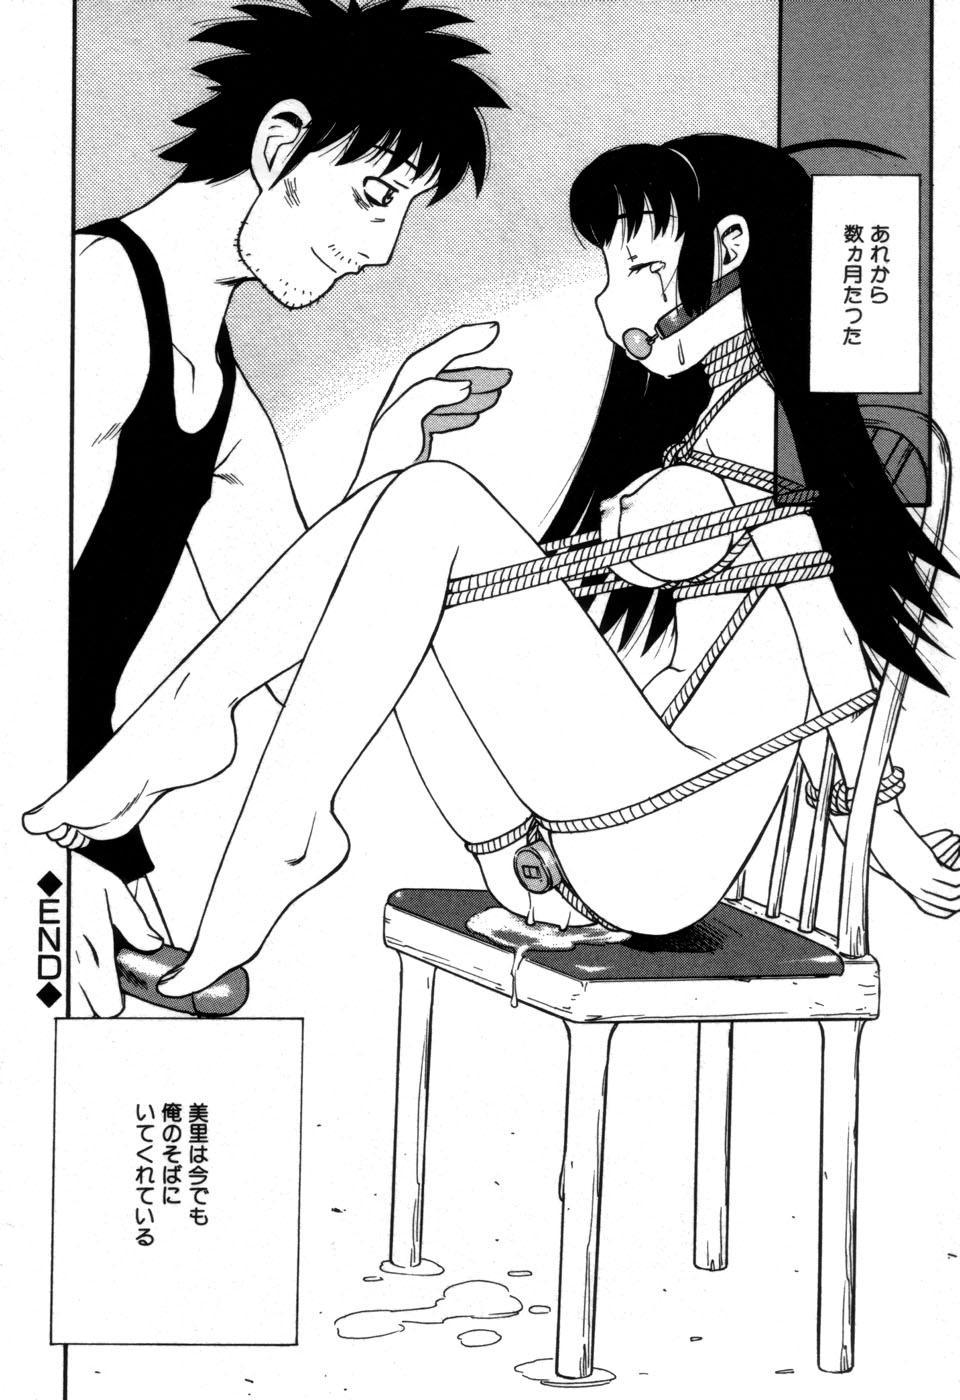 Imouto no Hiasobi 27